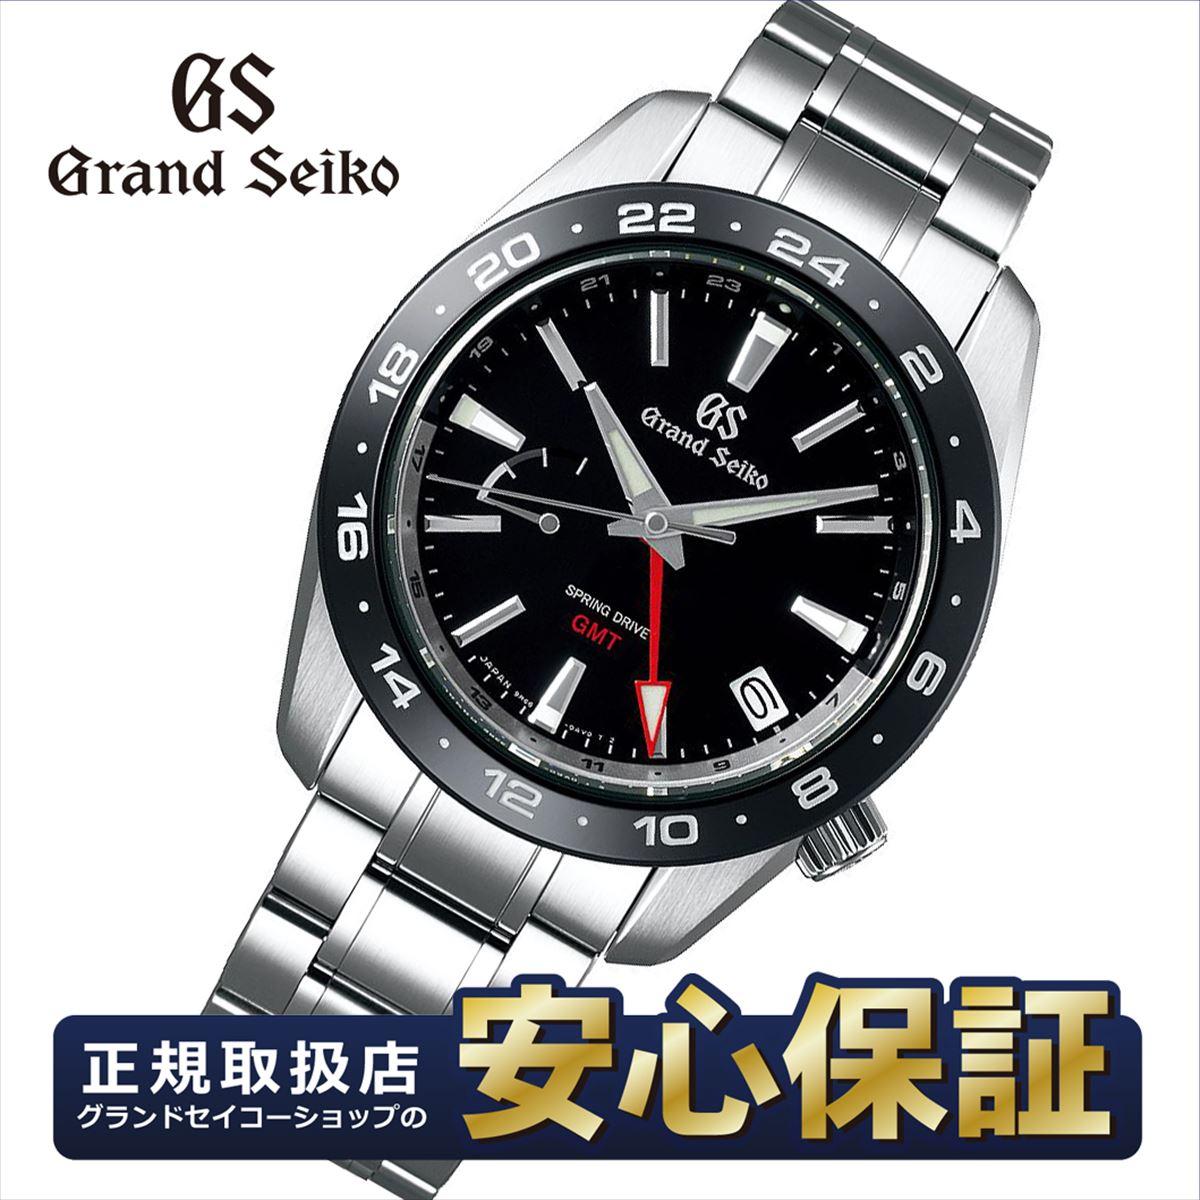 腕時計, メンズ腕時計 30GSSEIKO SBGE253 GMT GRAND SEIKO NLGS 072010spl